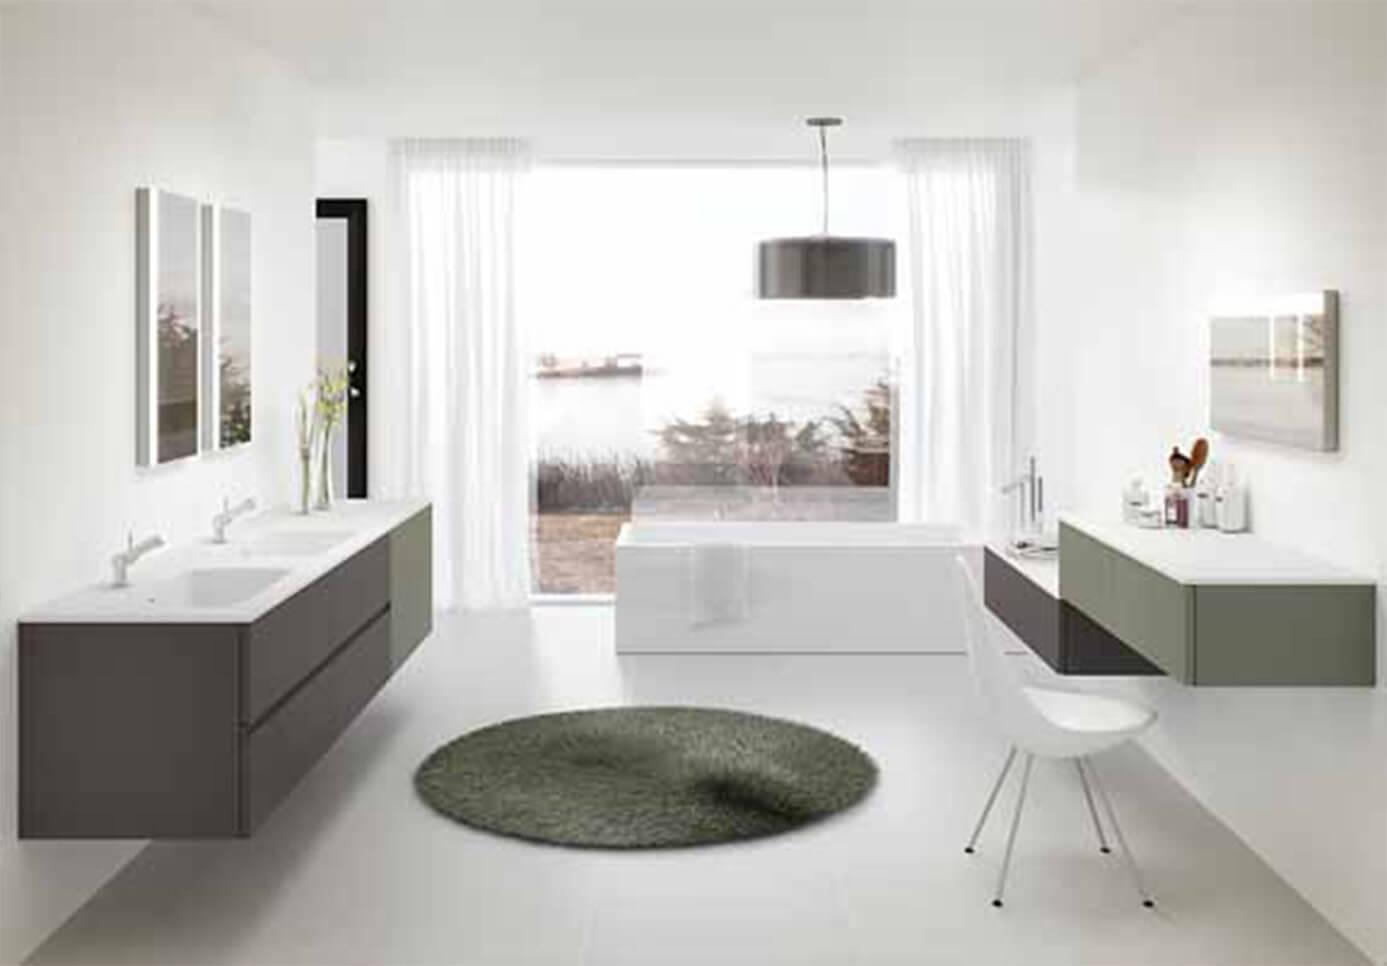 Muebles de ba o madrid fabricantes desde 1968 grupo coeco for Medidas de duchas para banos